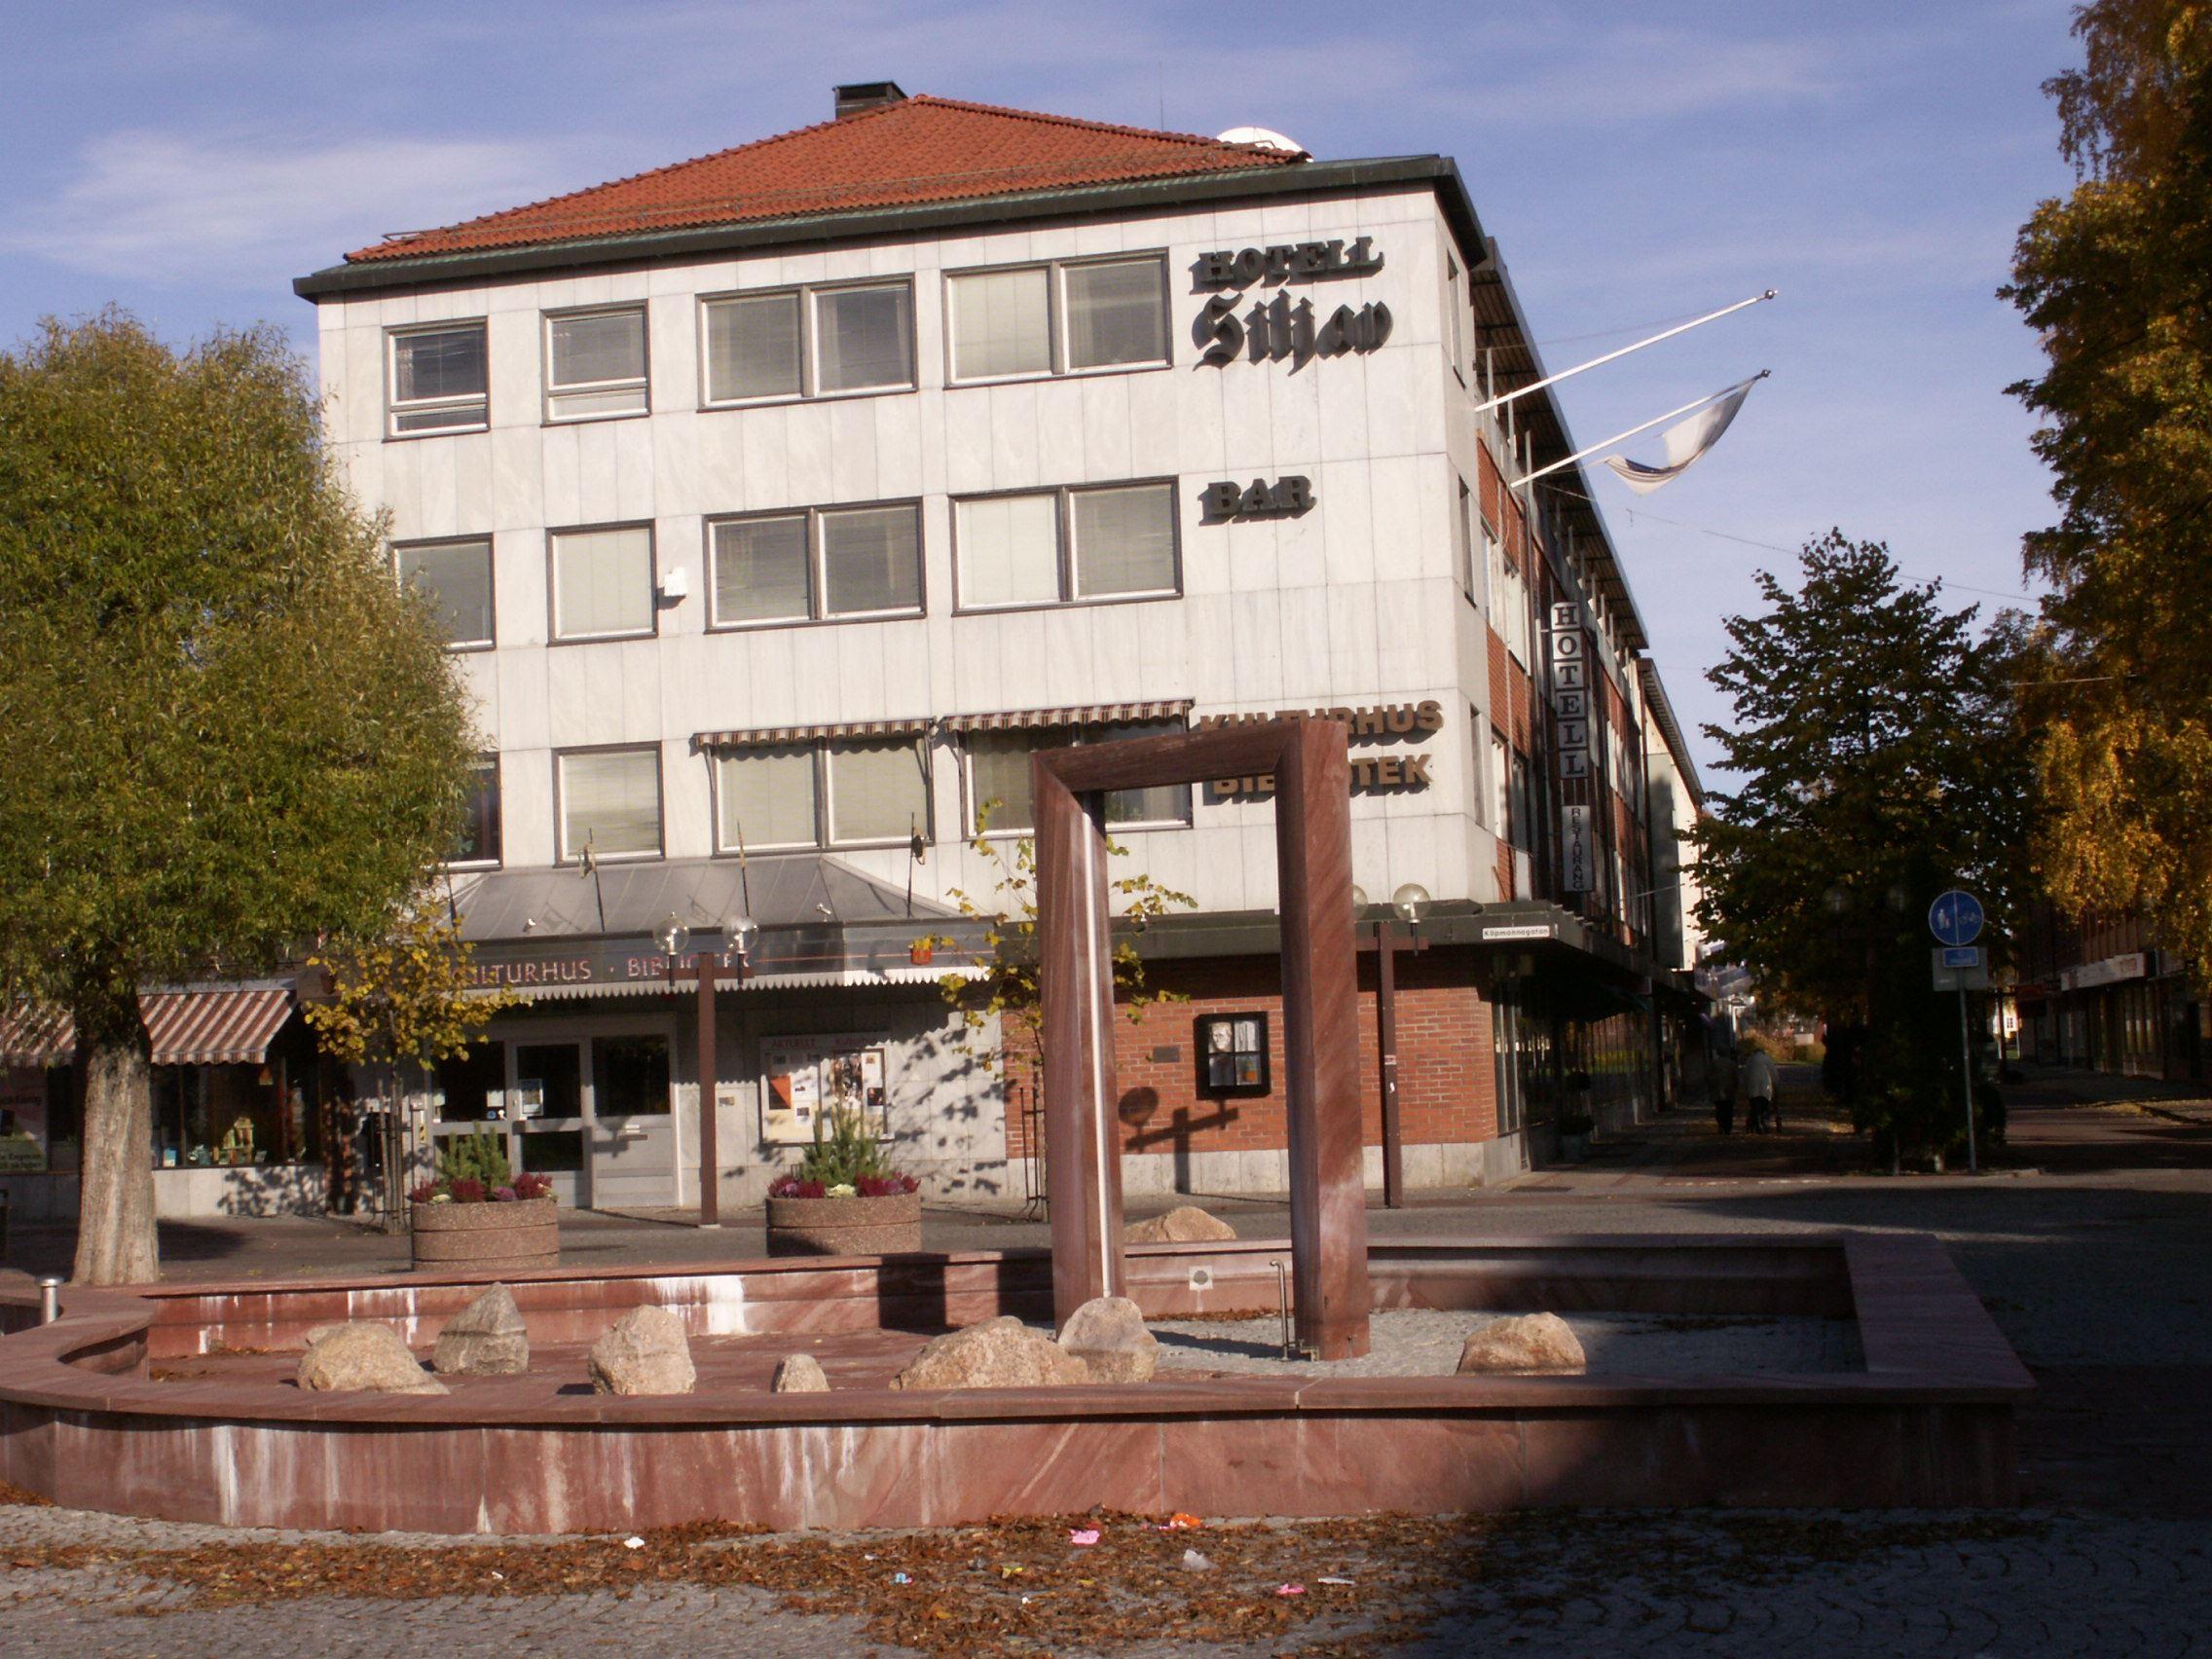 Hotell Siljan, Mora